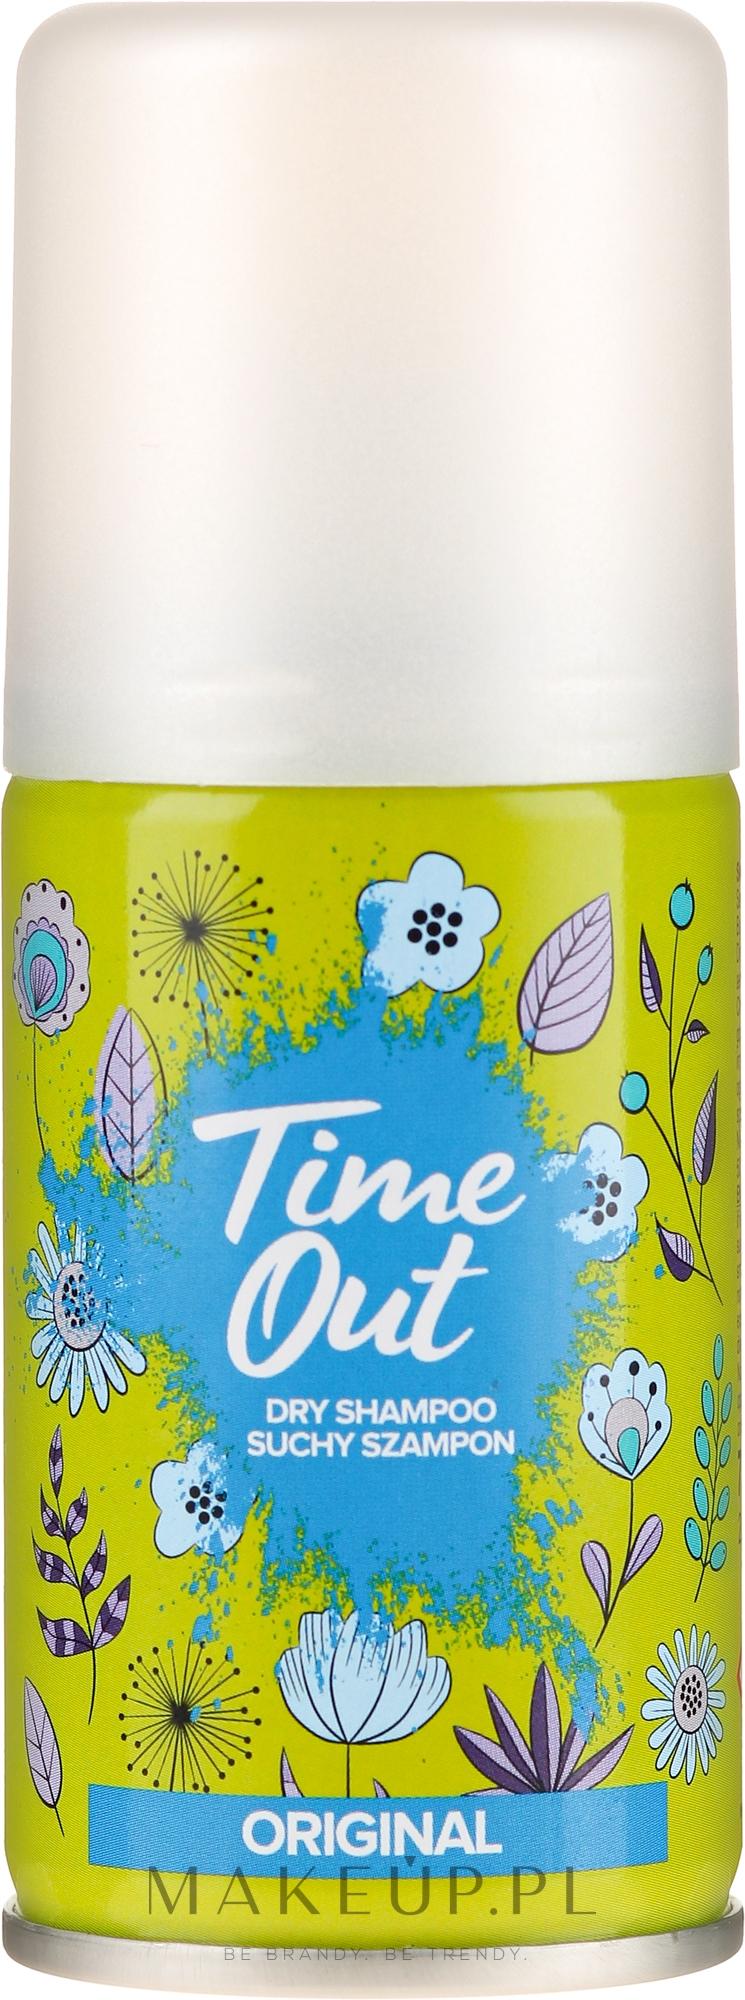 Suchy szampon do włosów - Time Out Original — фото 75 ml